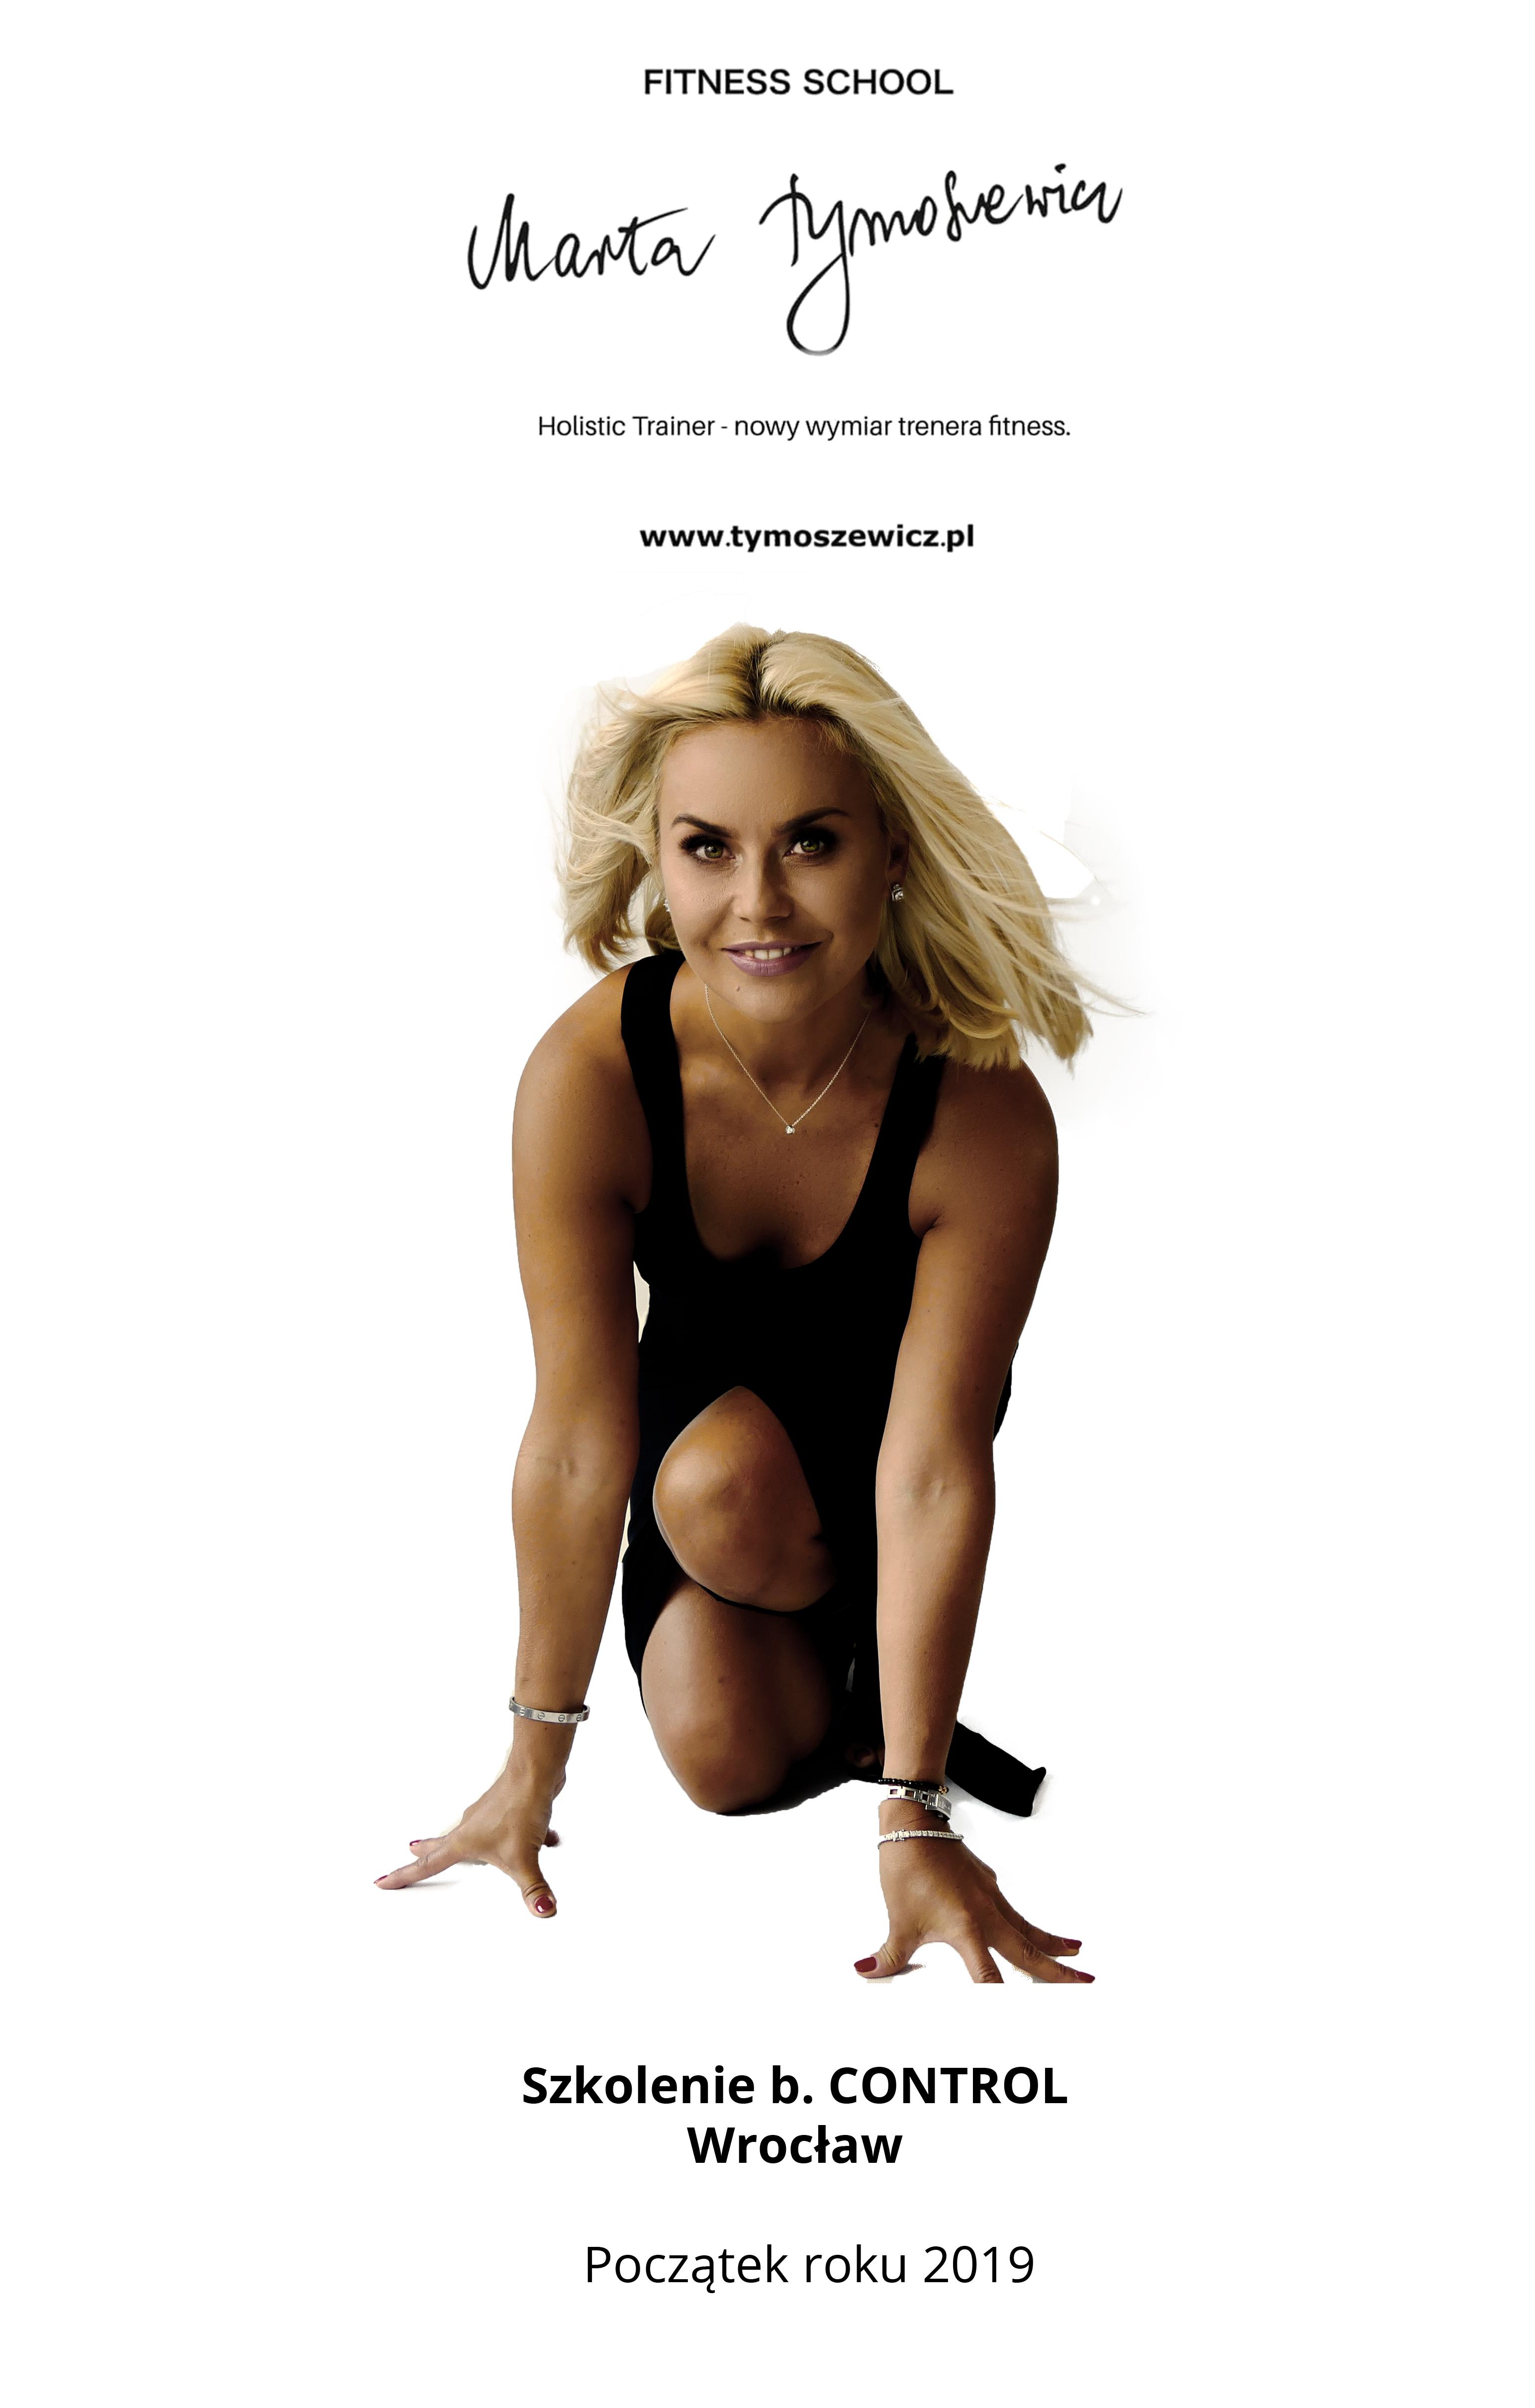 b. CONTROL Marta Tymoszewicz-Bednarz, fitness school, szkolenia dla trenerów fitness, marta tymoszewicz